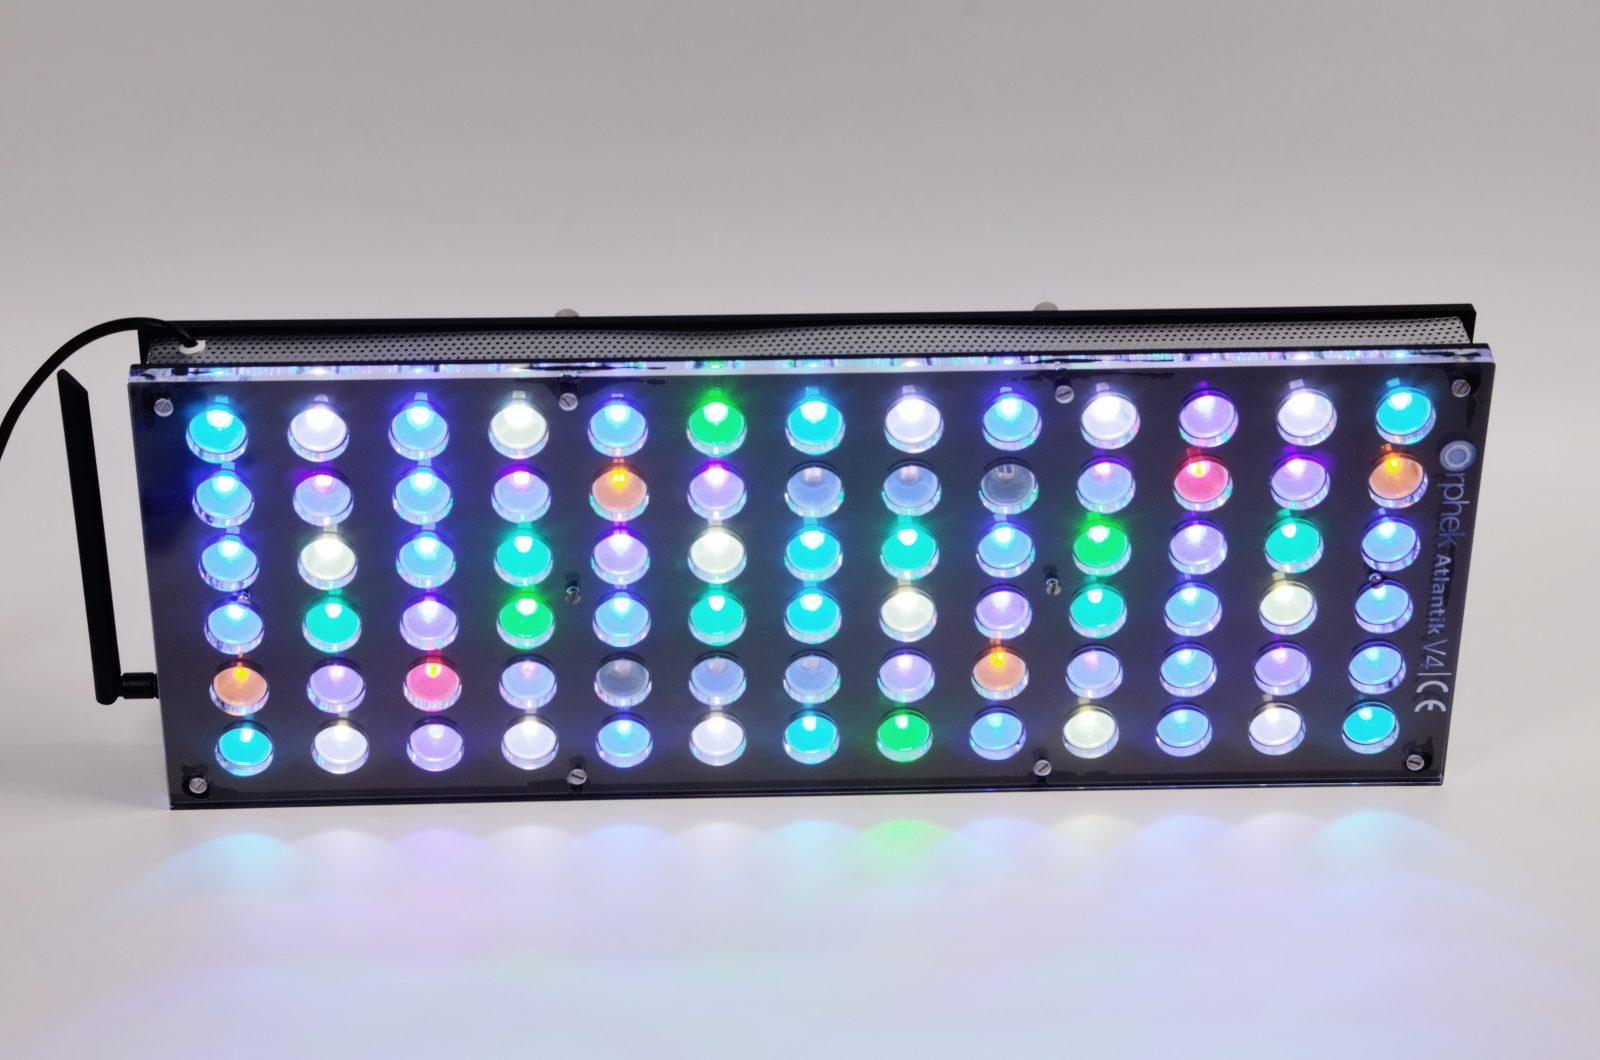 Atlantik V4 Reef Aquarium LED-verlichting • Orphek Aquarium LED ...